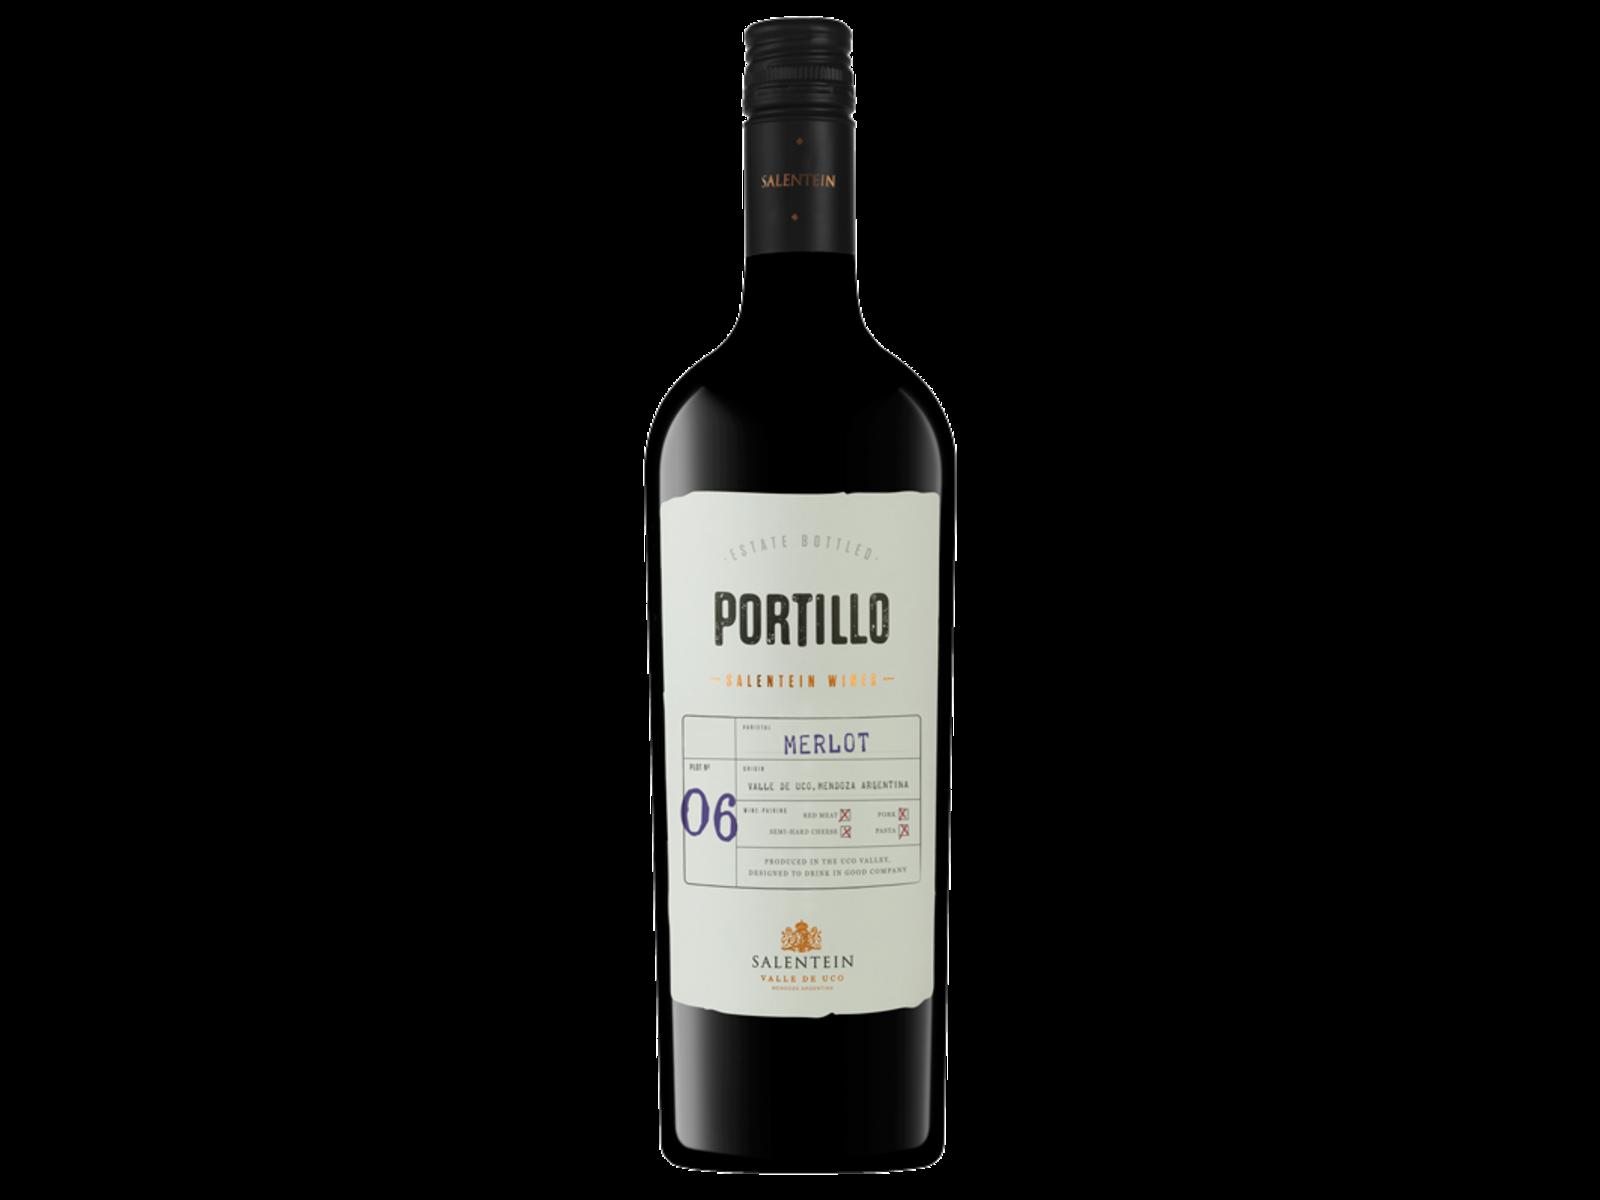 Bodegas Salentein Portillo Merlot